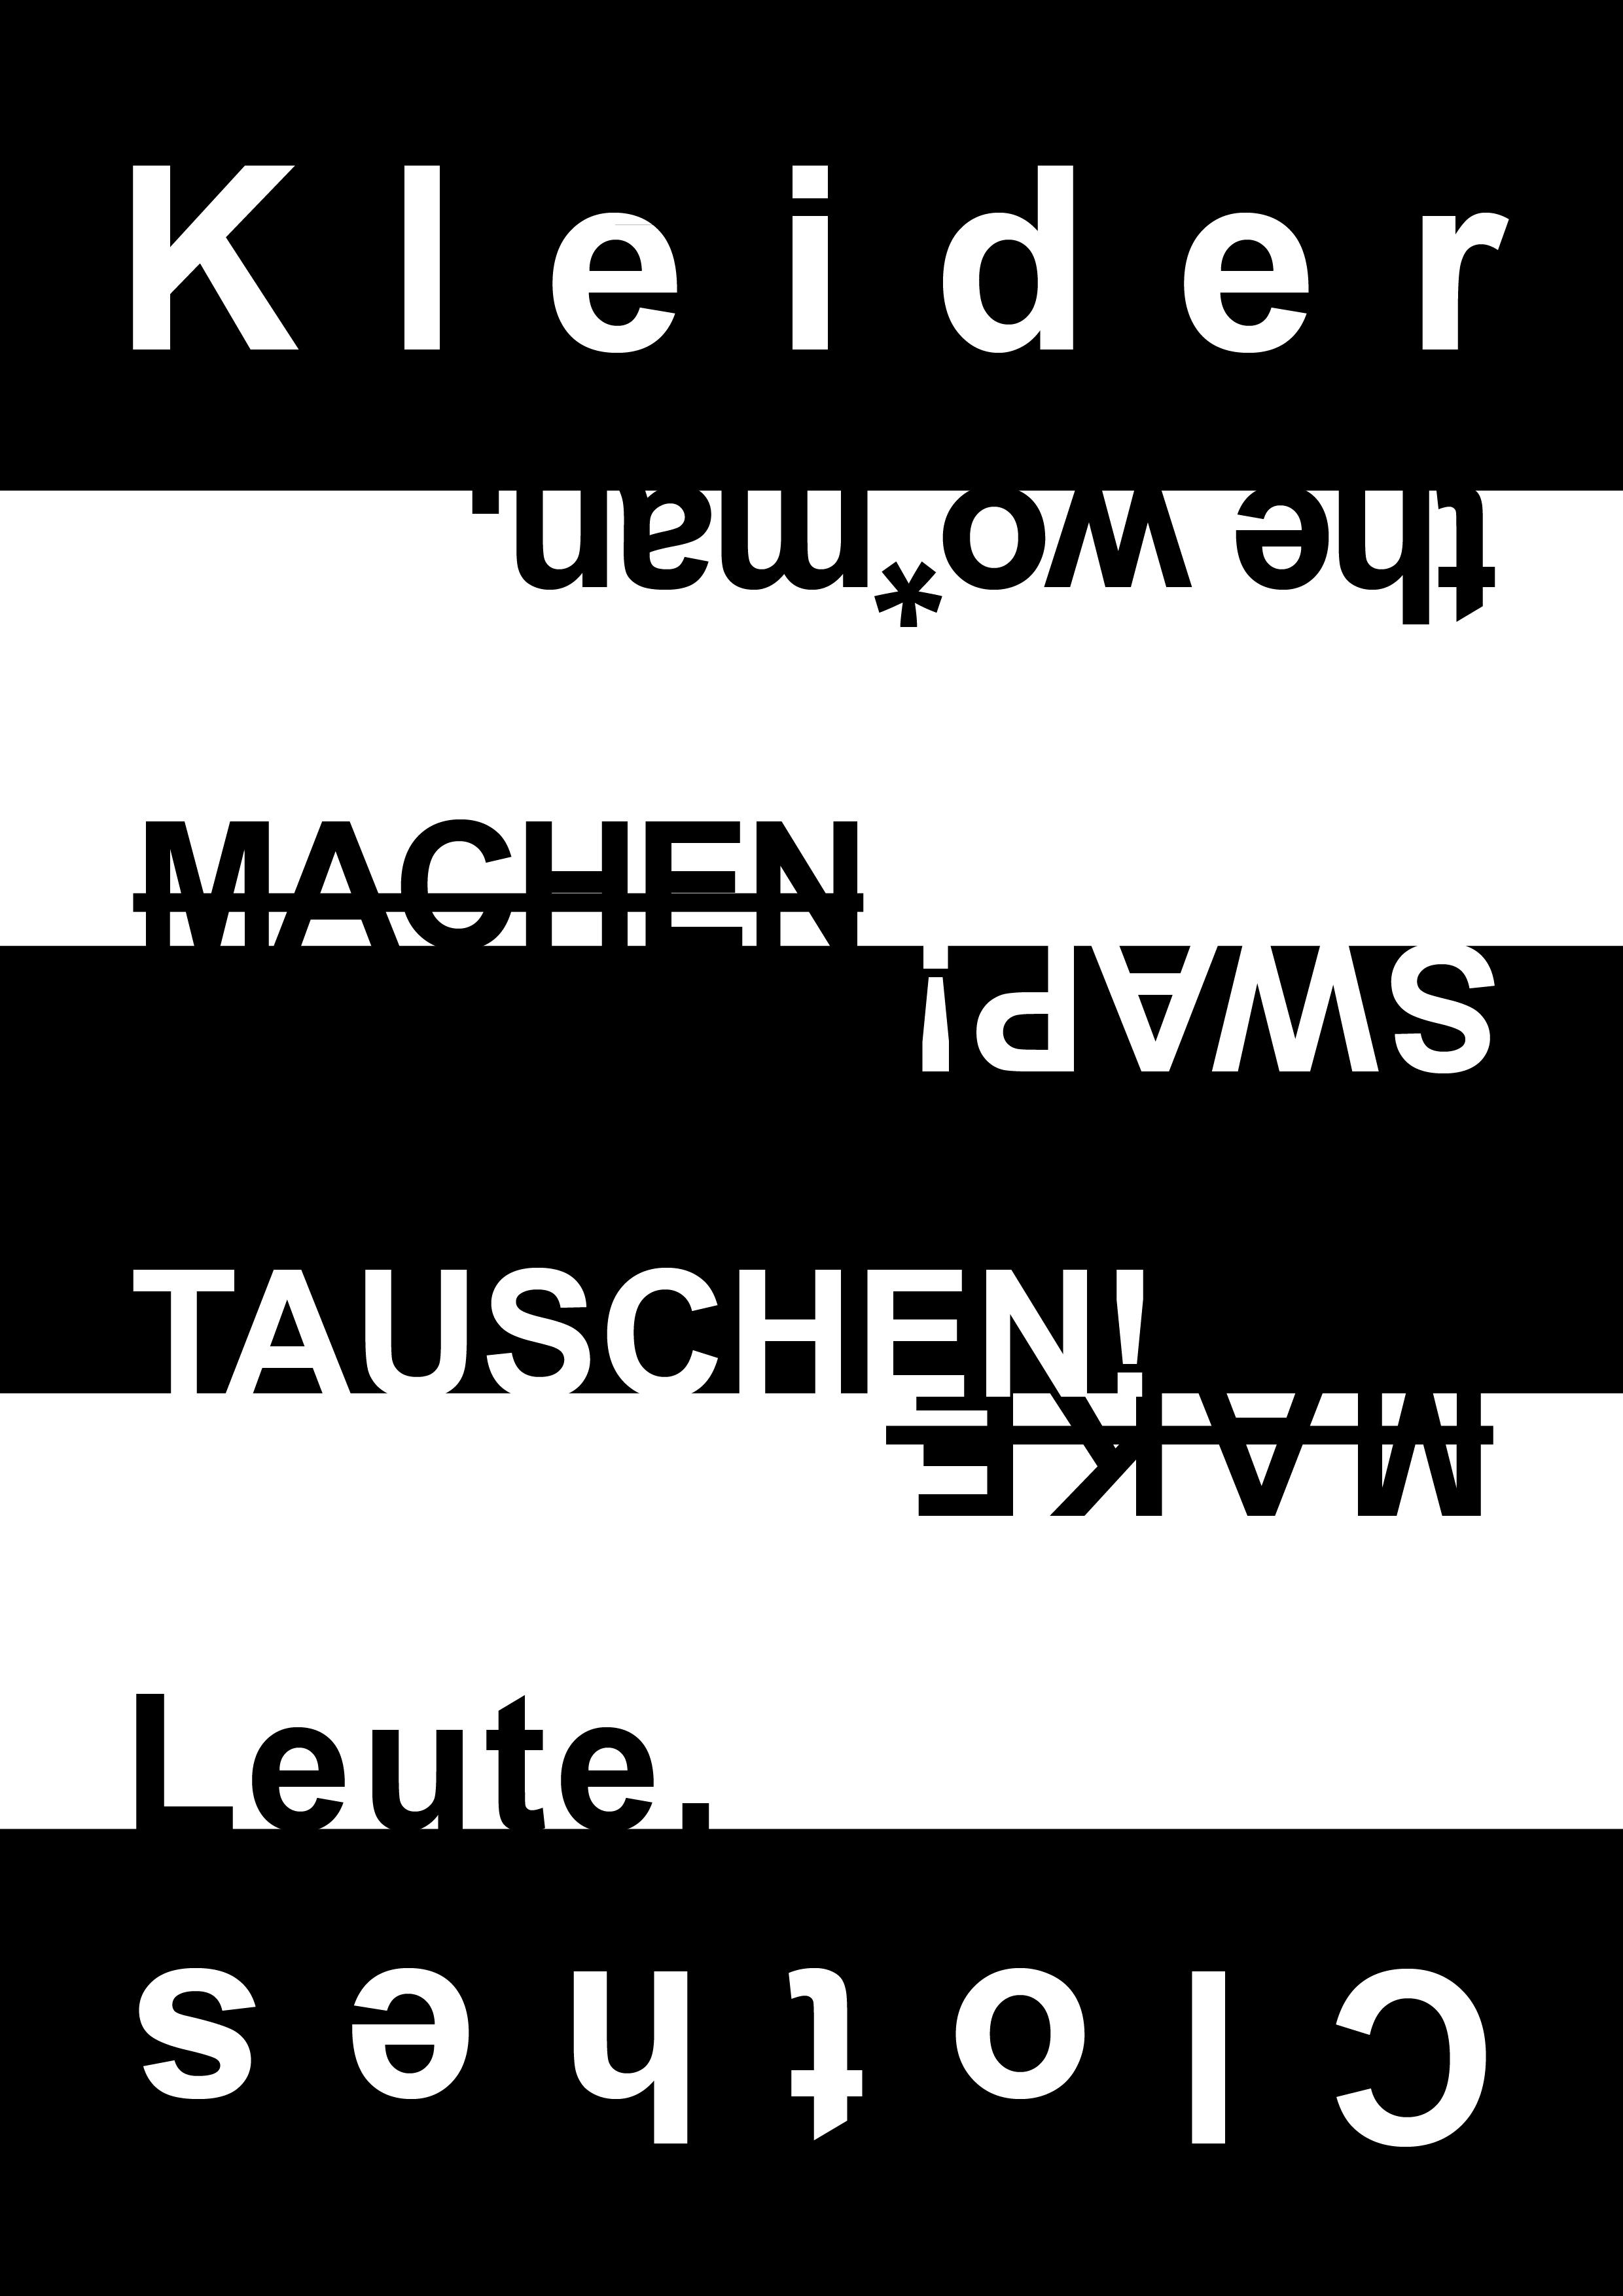 Kleidertausch Café 02.04.2017 14:00-18:00